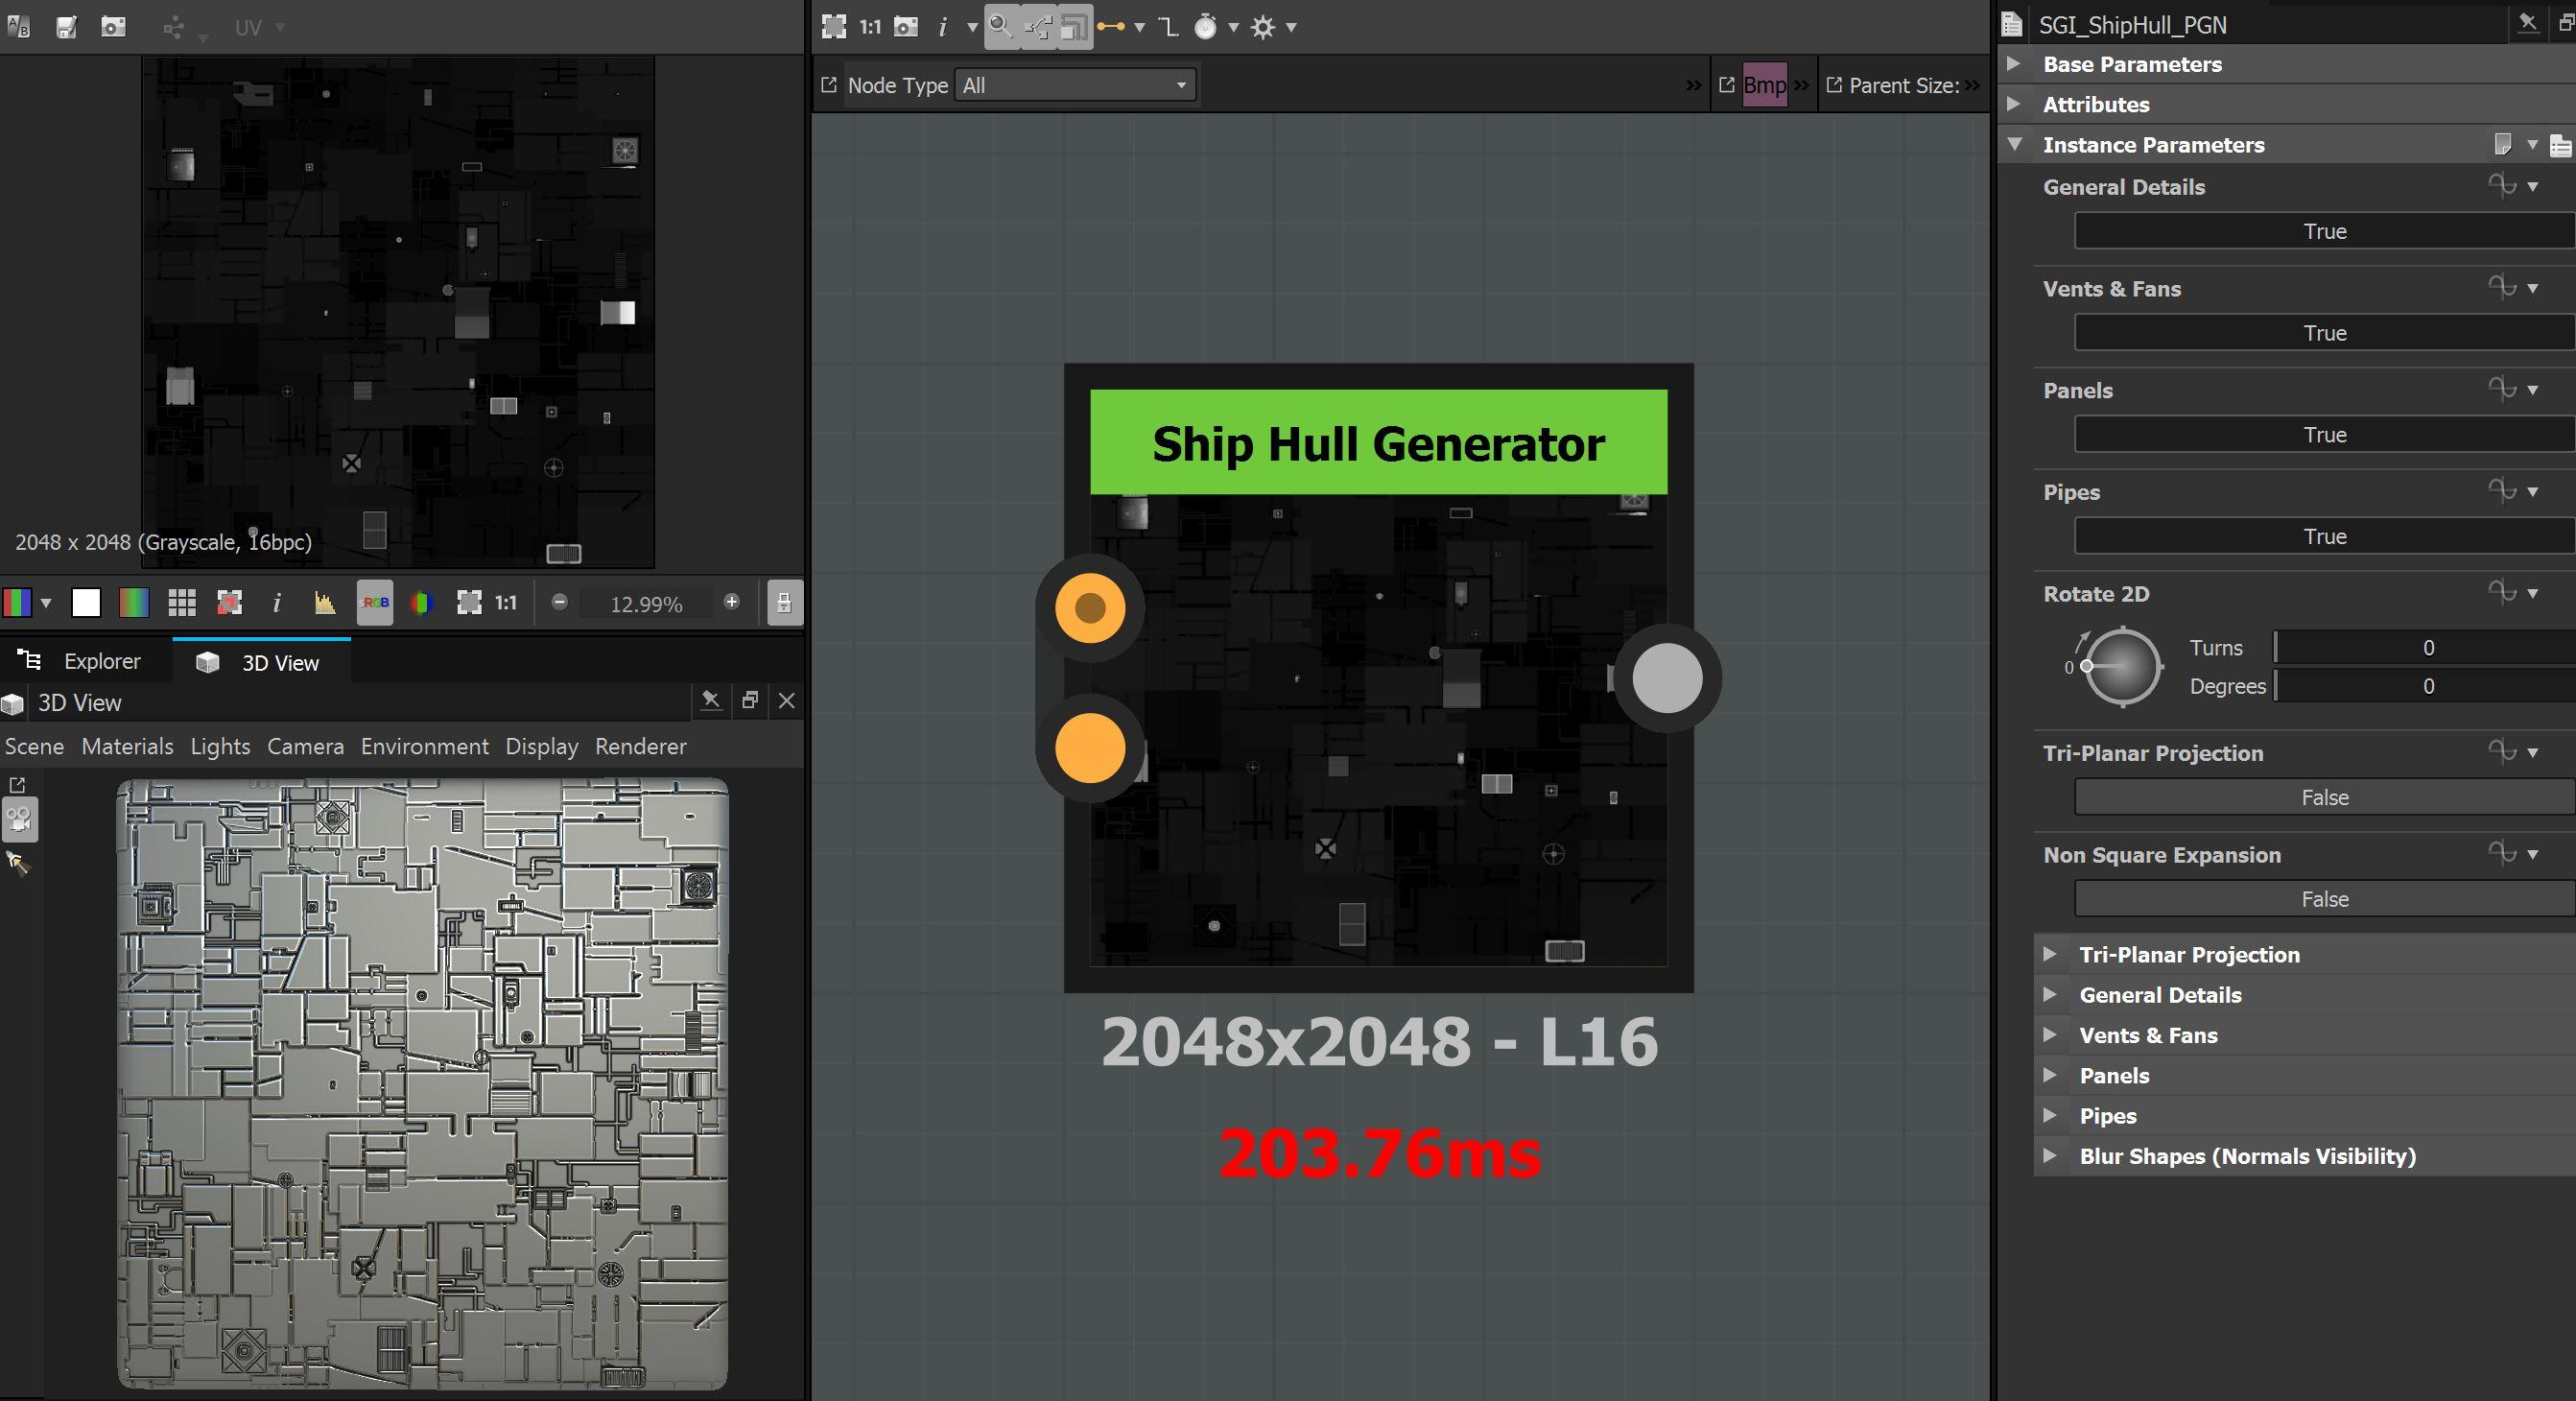 ShipHull Generator1